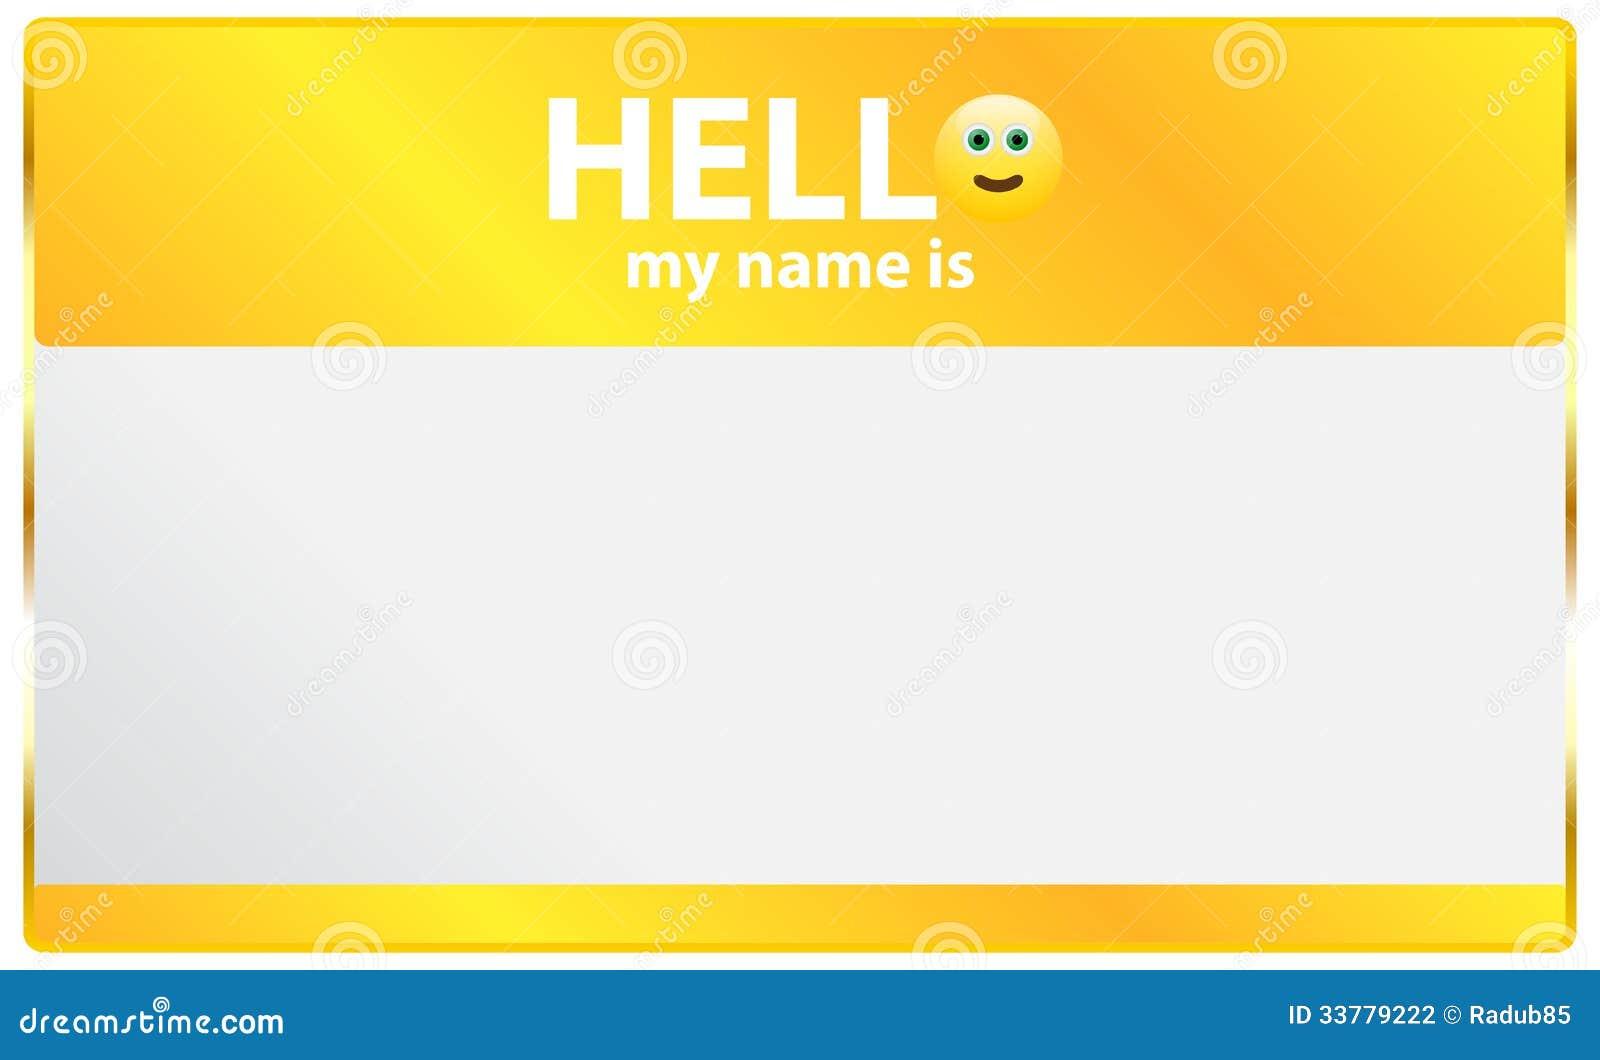 Γειά σου το όνομά μου είναι κάρτα